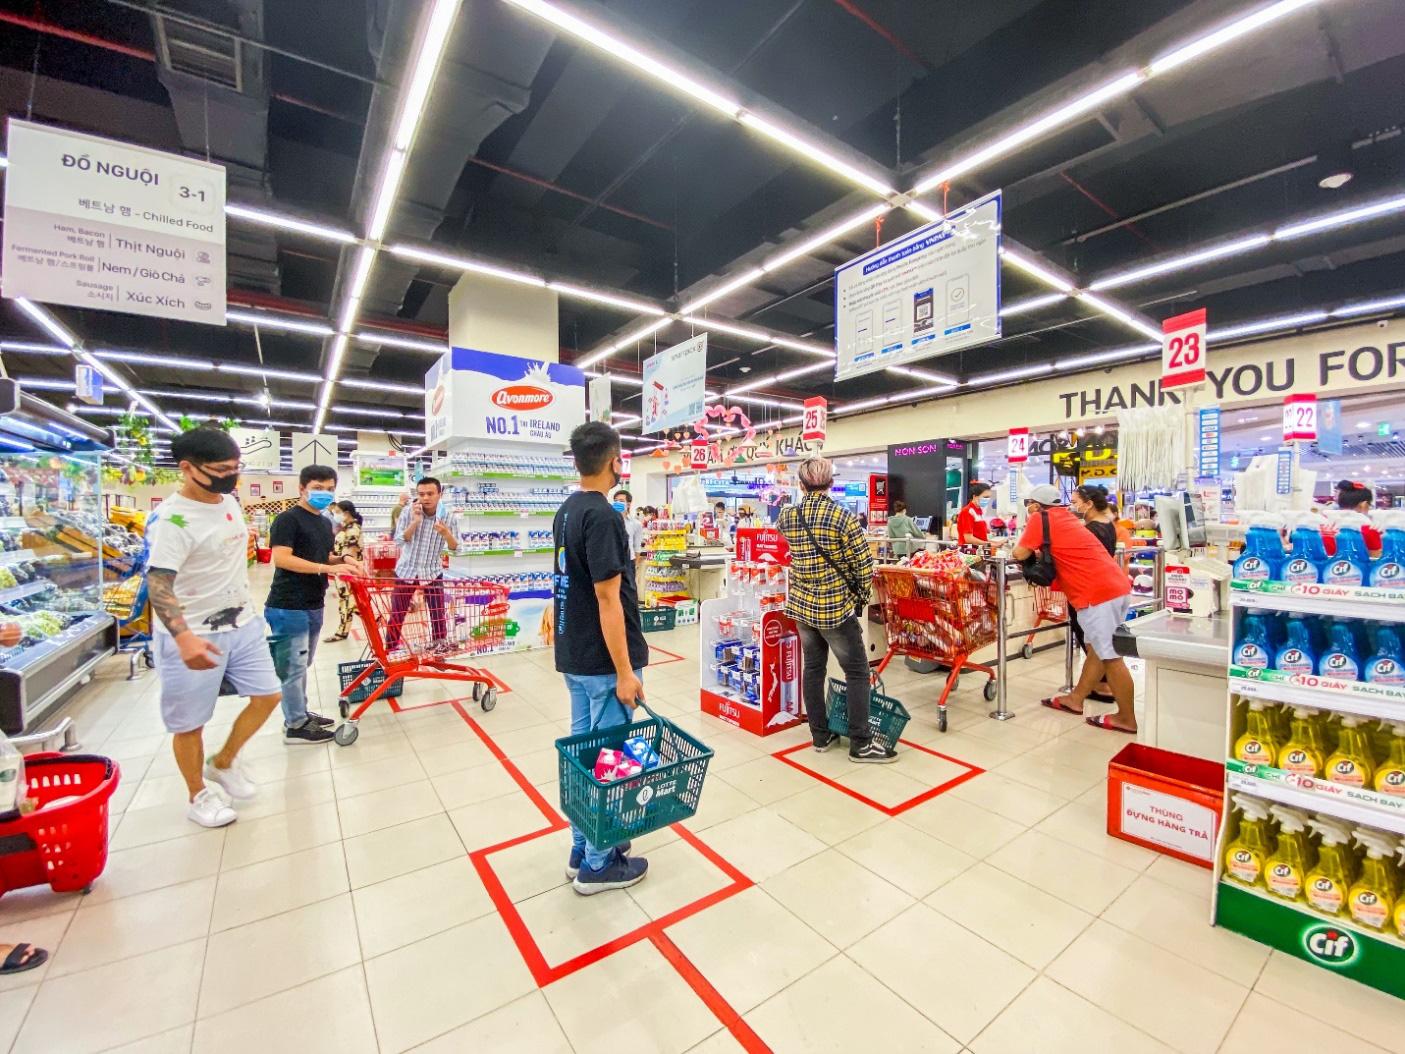 Địa chỉ cửa hàng, siêu thị bán thực phẩm bạn cần biết khi Hà Nội giãn cách xã hội theo Chỉ thị 16 - Ảnh 7.